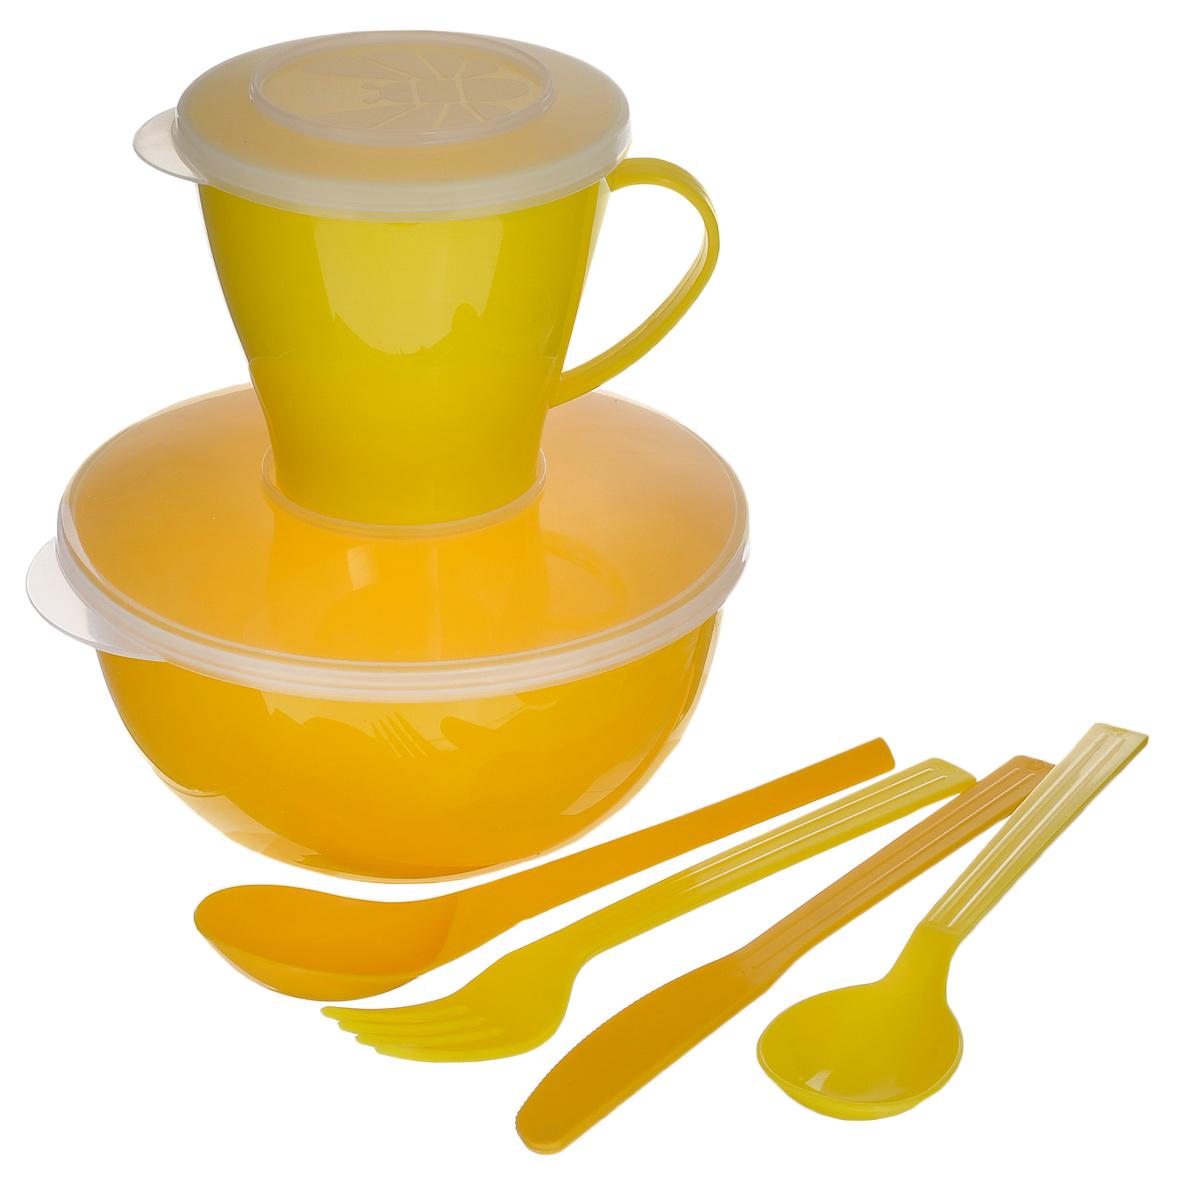 """Компактный минималистичный набор посуды Solaris """"Походный"""" из качественного полипропилена, в удобной виниловой сумке с ручкой и молнией.Свойства посуды:Посуда из ударопрочного пищевого полипропилена предназначена для многократного использования. Легкая, прочная и износостойкая, экологически чистая, эта посуда работает в диапазоне температур от -25°С до +110°С. Можно мыть в посудомоечной машине. Эта посуда также обеспечивает:Хранение горячих и холодных пищевых продуктов;Разогрев продуктов в микроволновой печи;Приготовление пищи в микроволновой печи на пару (пароварка);Хранение продуктов в холодильной и морозильной камере;Кипячение воды с помощью электрокипятильника.Состав набора:Миска с герметичной крышкой, 1 л;Чашка с герметичной крышкой, 0,36 л;Вилка;Ложка столовая;Нож;Ложка чайная.Диаметр миски: 15 см.Высота миски: 7,5 см.Диаметр чашки по верхнему краю: 9,1 см.Диаметр дна чашки: 5,7 см.Высота чашки: 8,7 см.Длина ложки: 19 см.Длина вилки: 19 см.Длина ножа: 19 см.Длина чайной ложки: 13,5 см."""